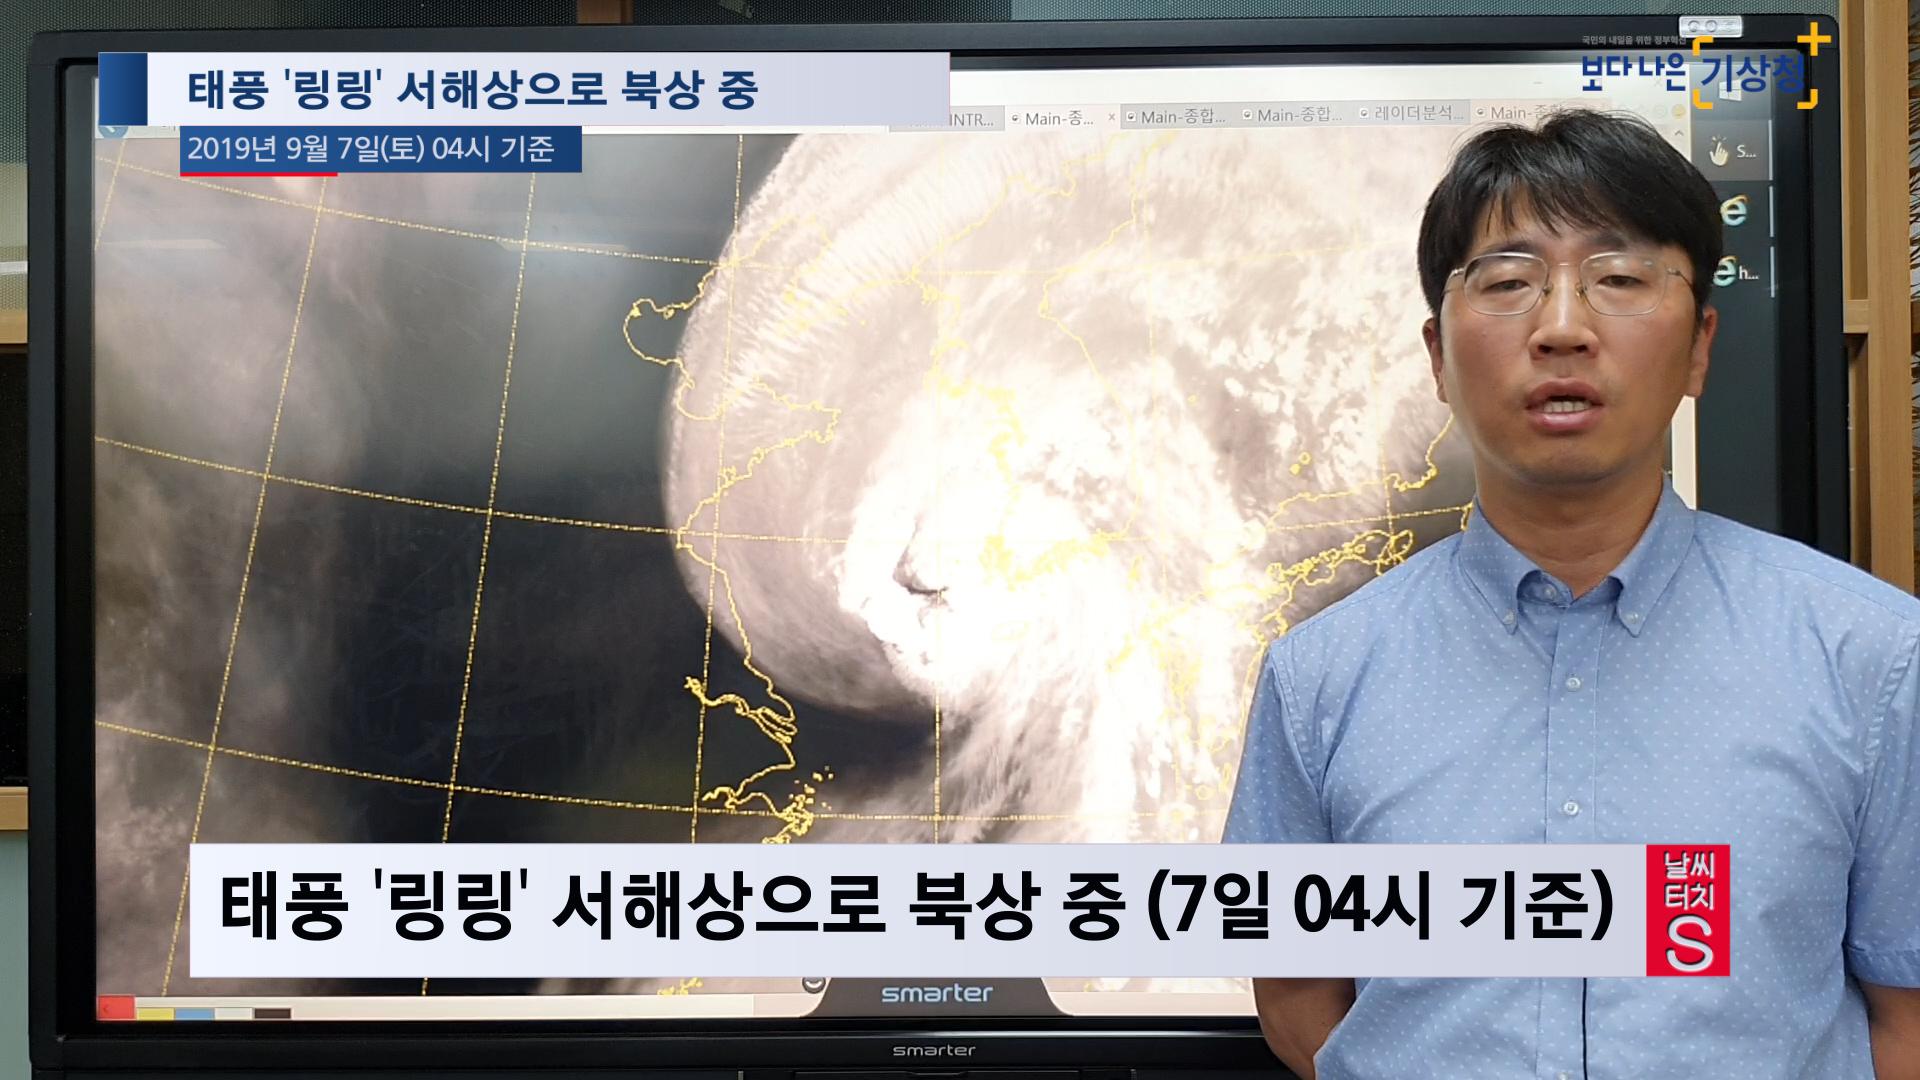 태풍 ´링링´ 서해상으로 북상 중 (7일 04시 기준)